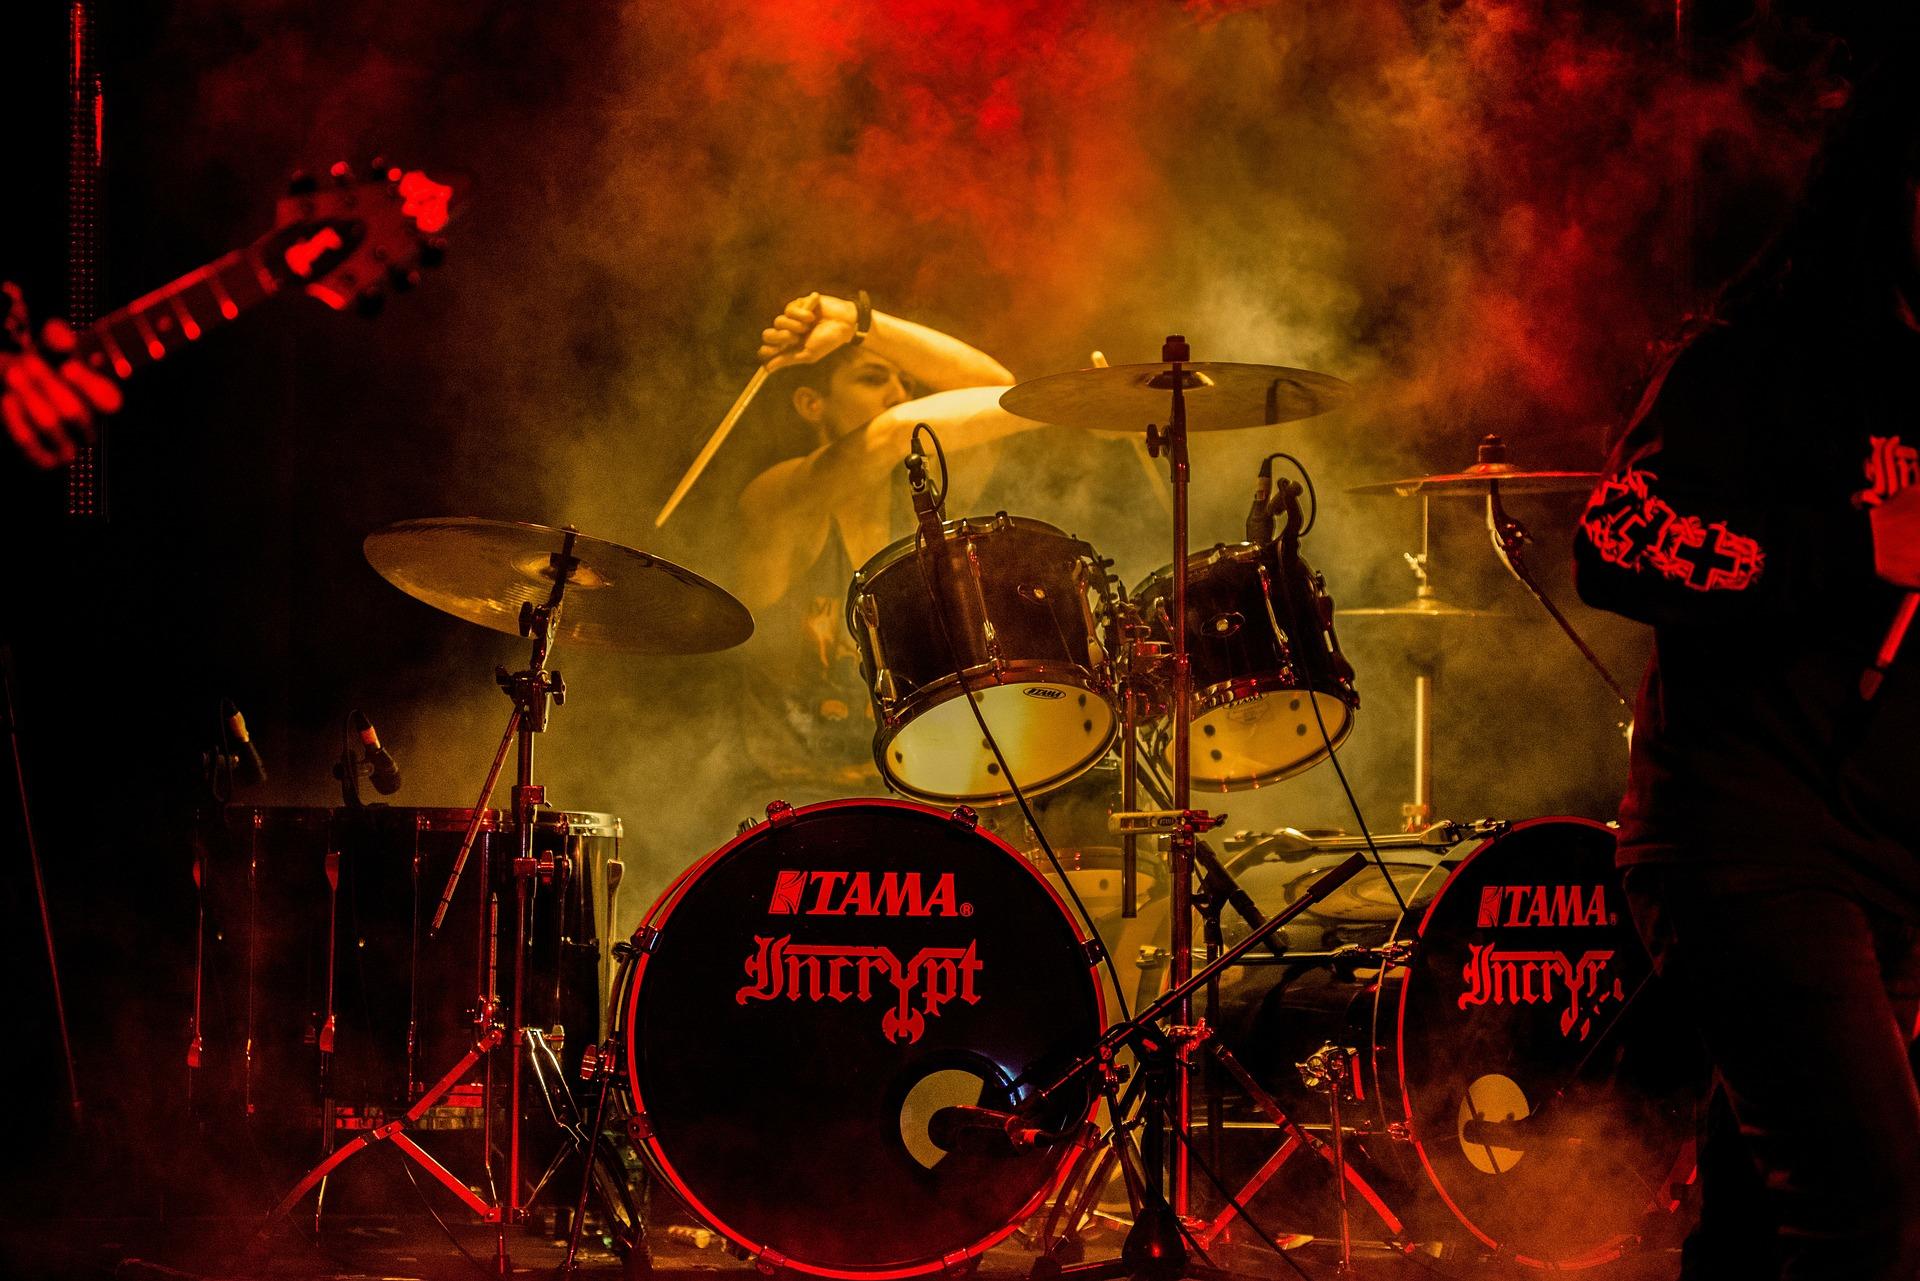 ドラムを習いたい!ドラムレッスン・ドラム講座が安いドラム教室・音楽教室比較